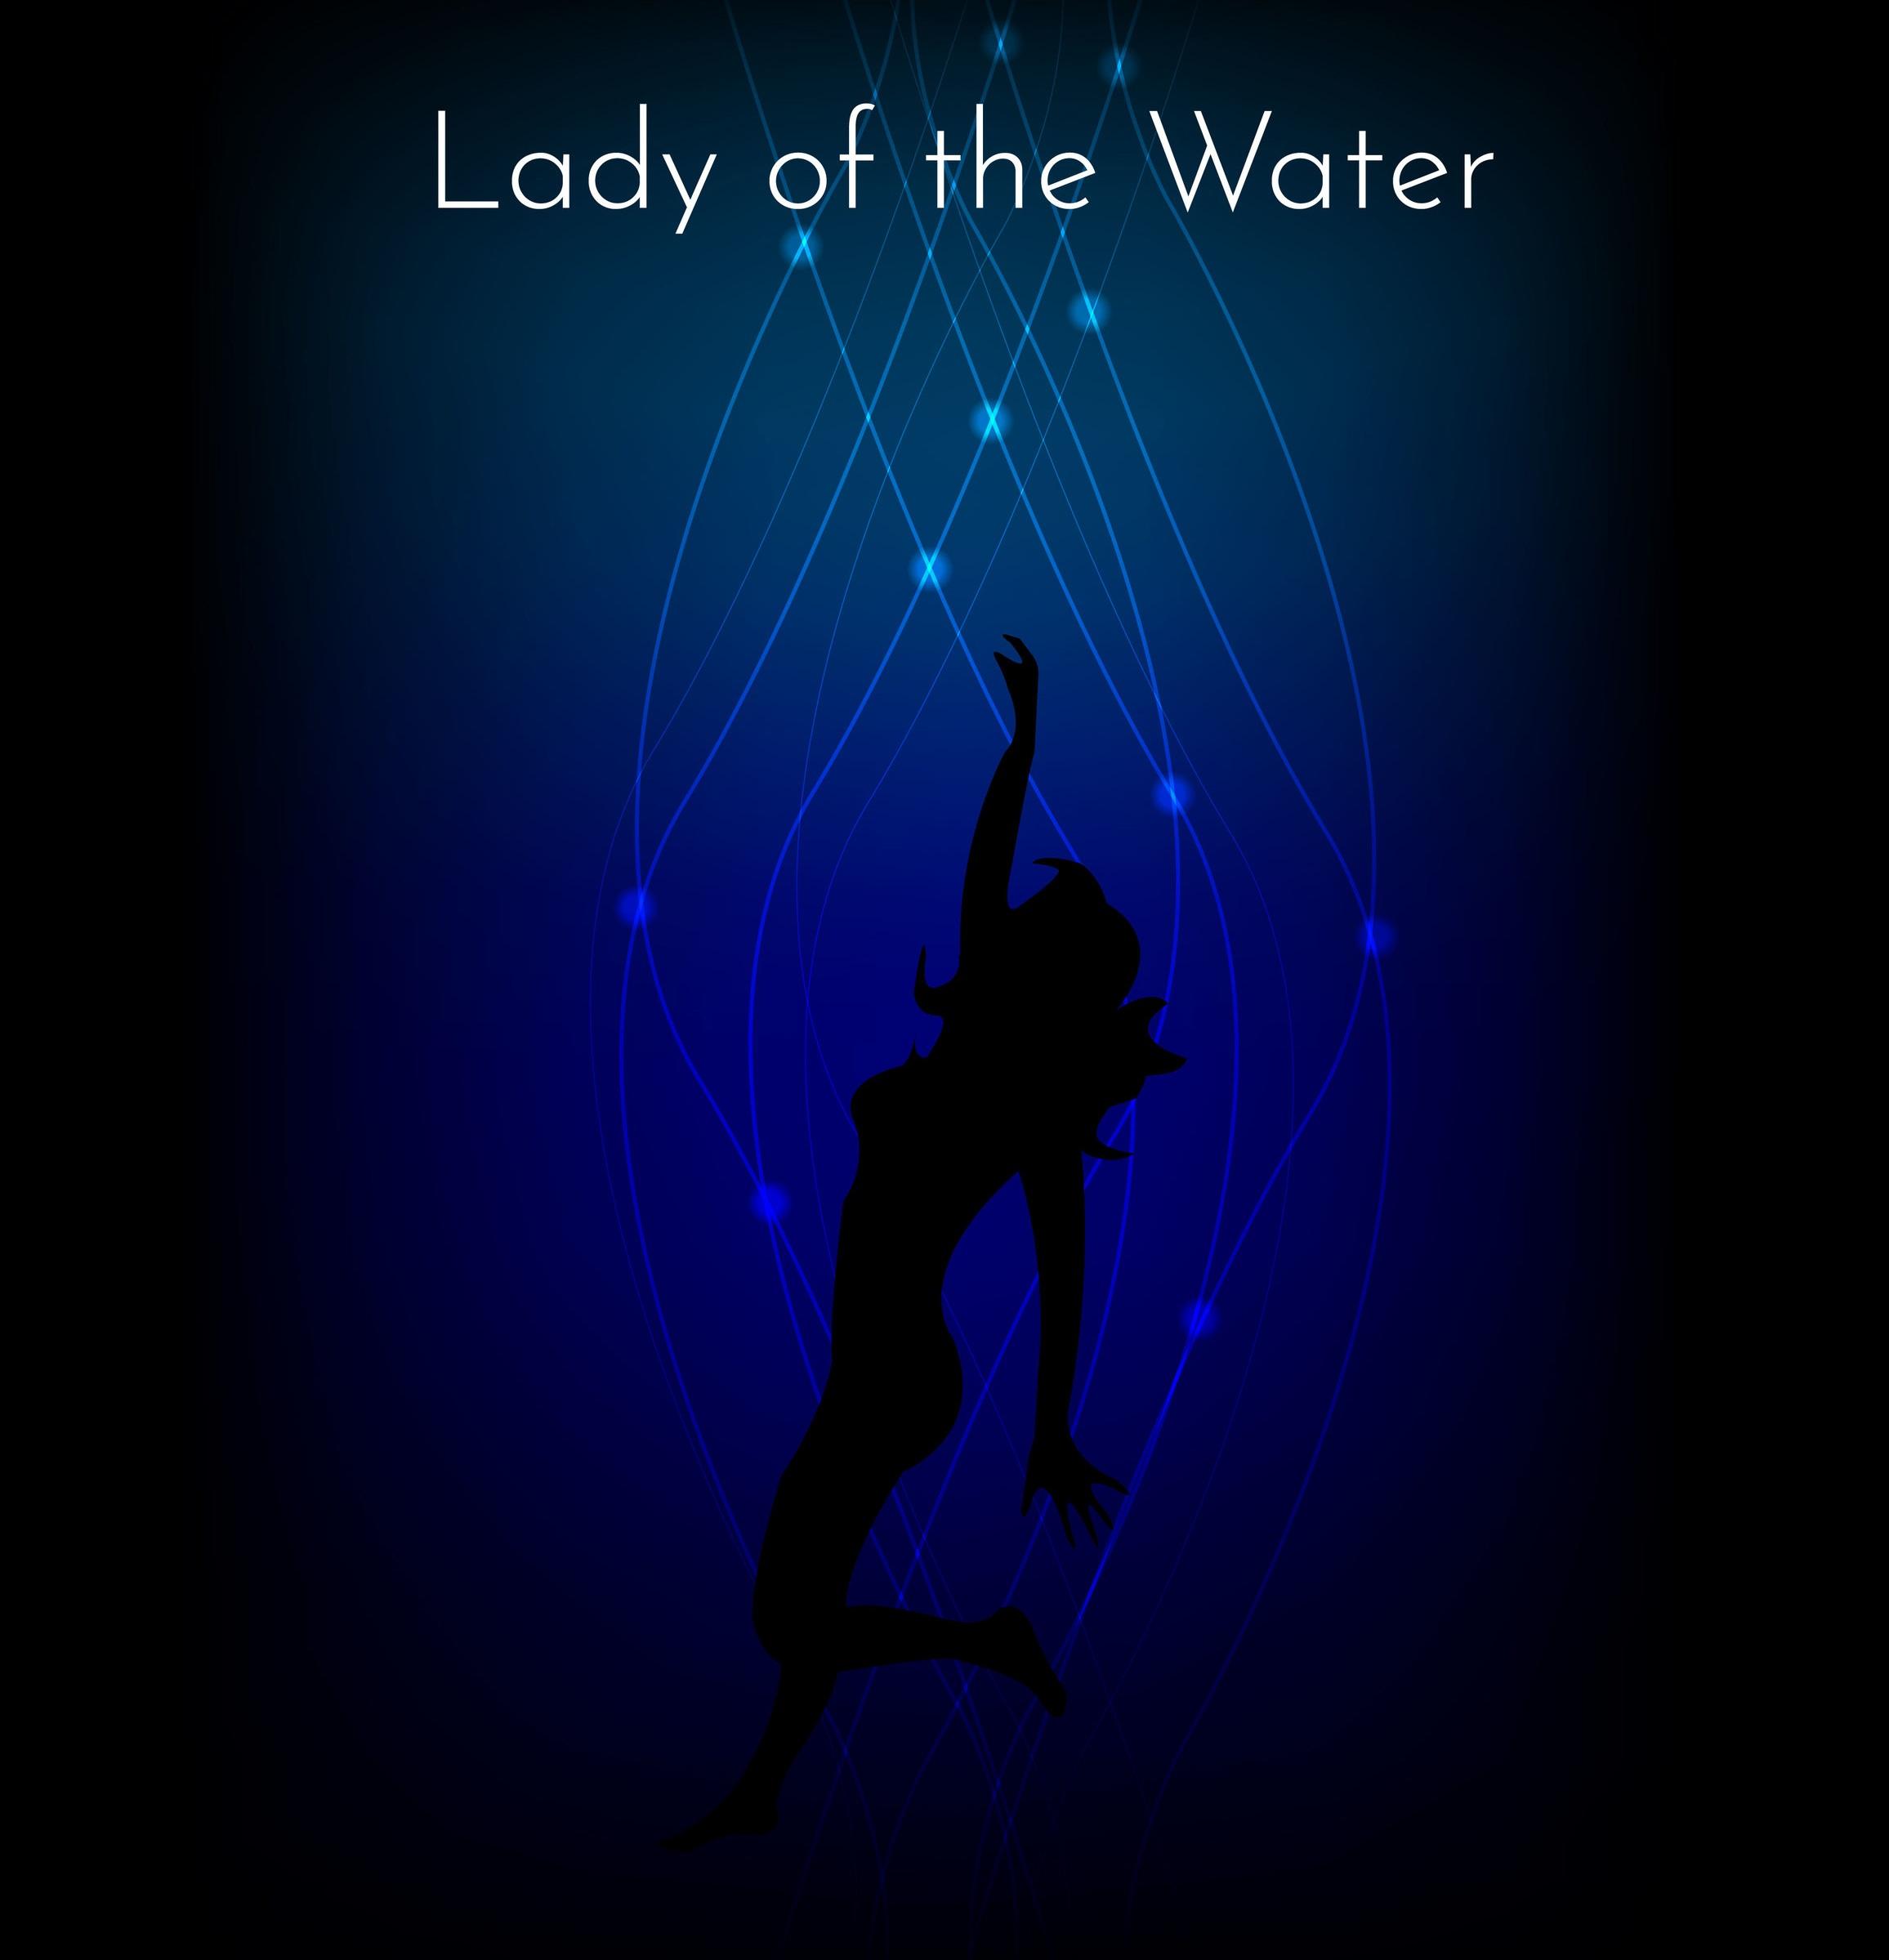 ladyofthewaterweb.jpg